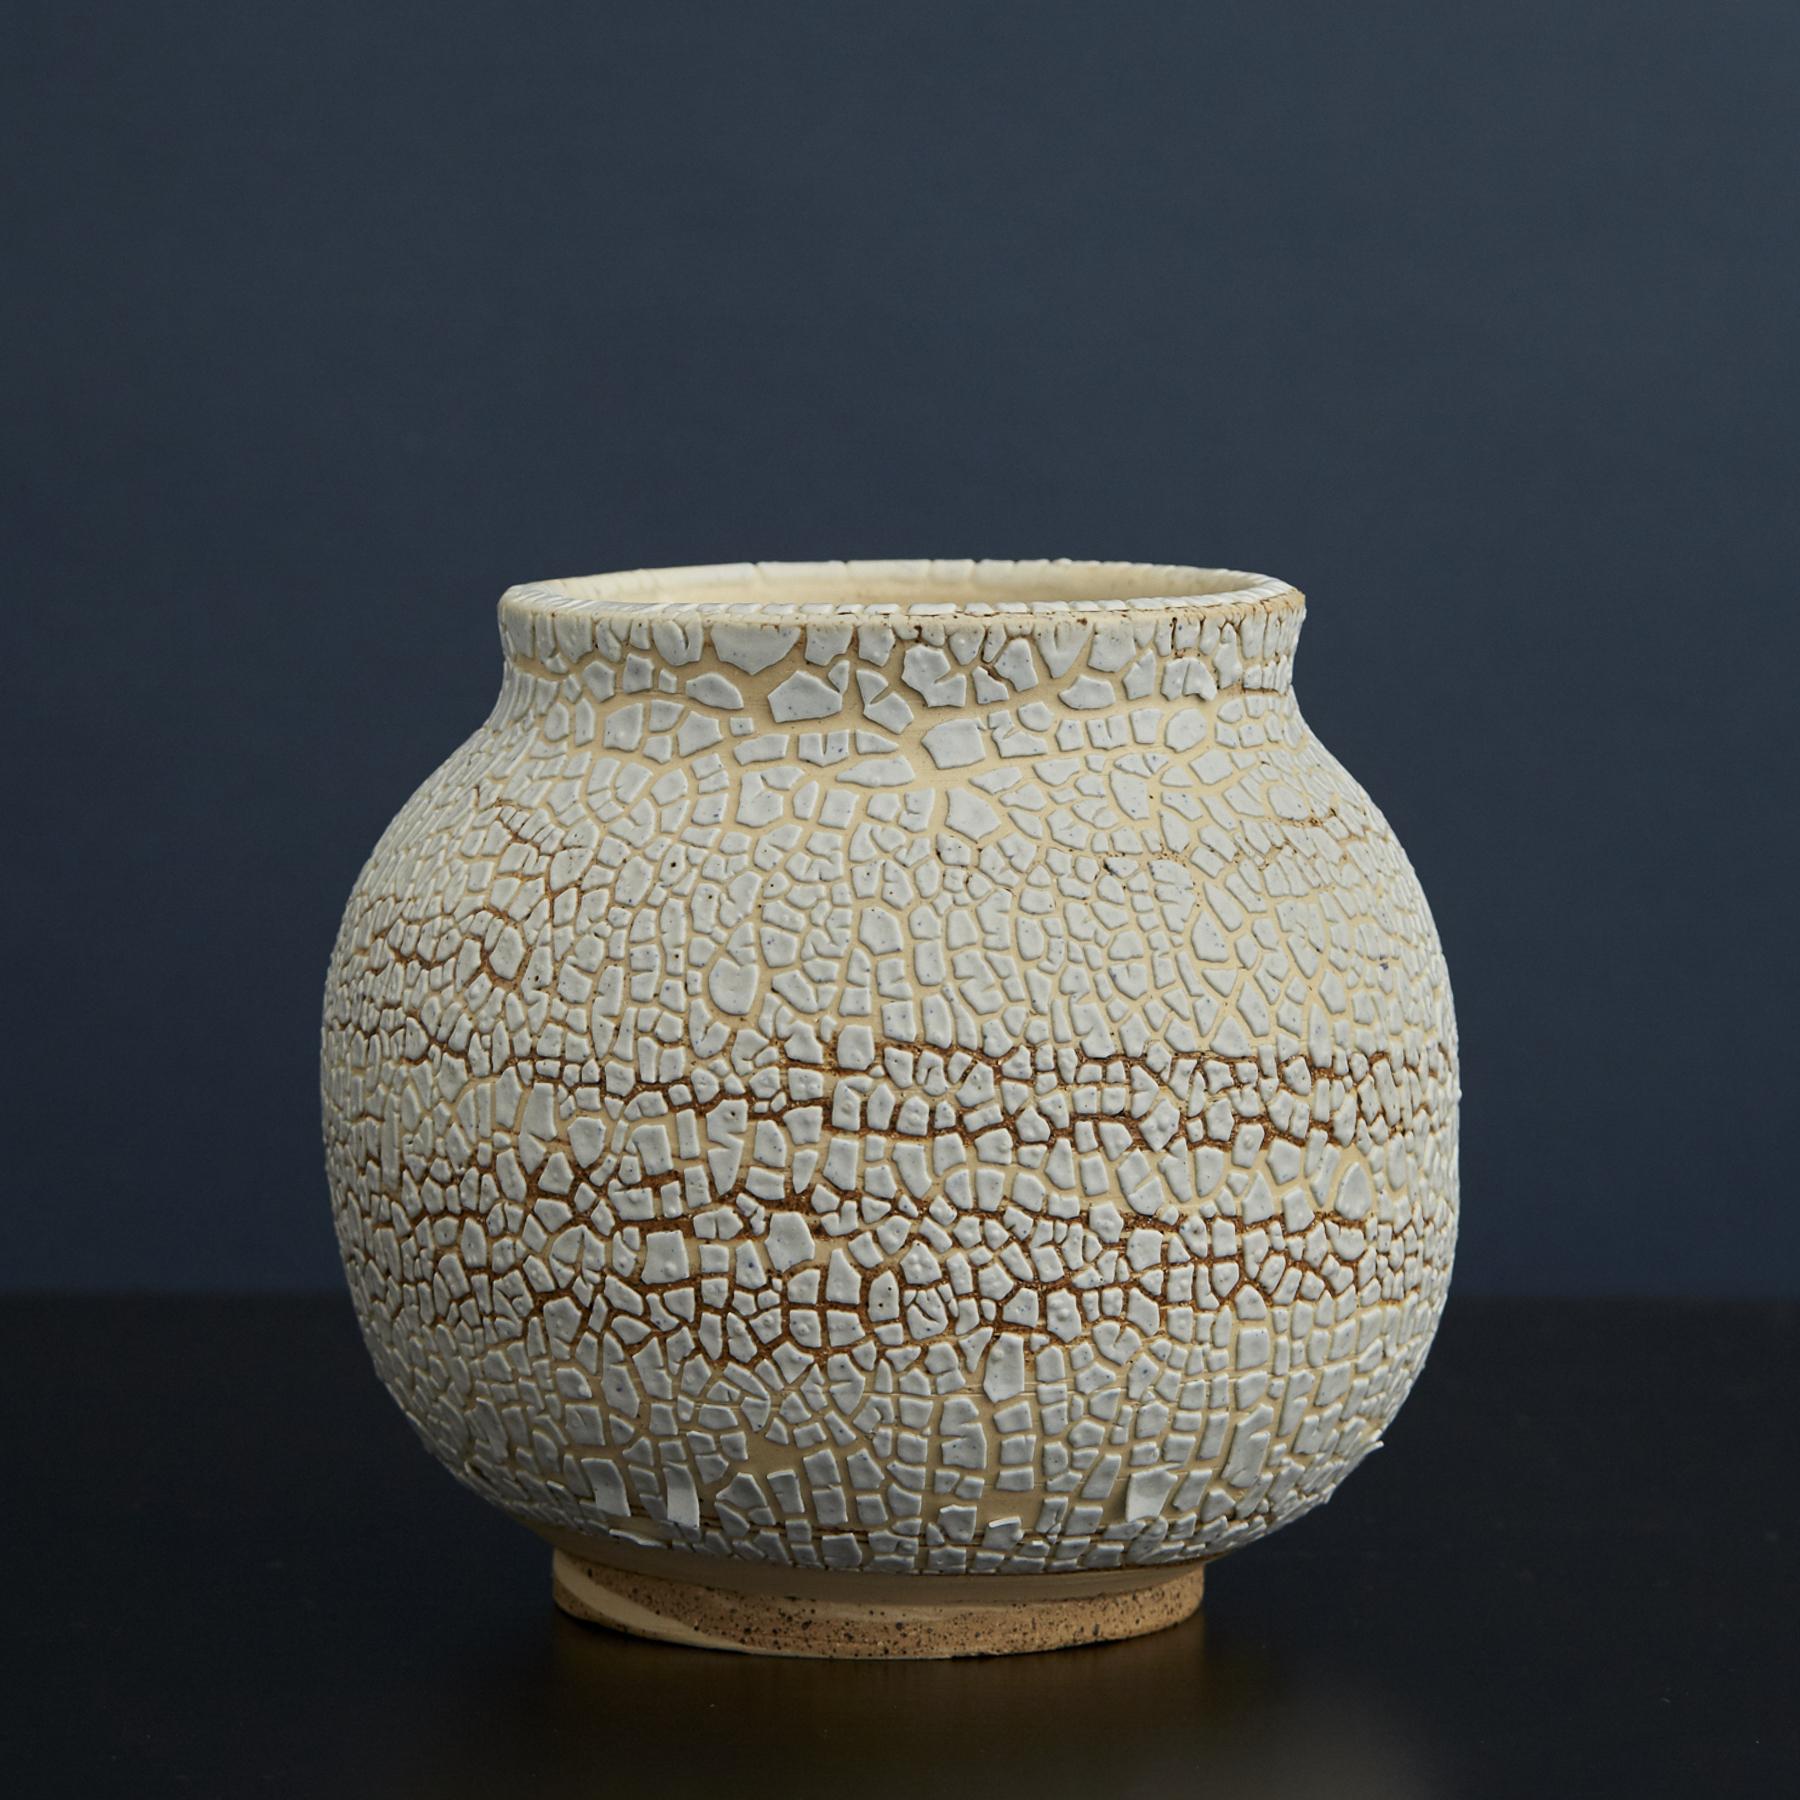 Ceramics_4.9.19_039.jpg